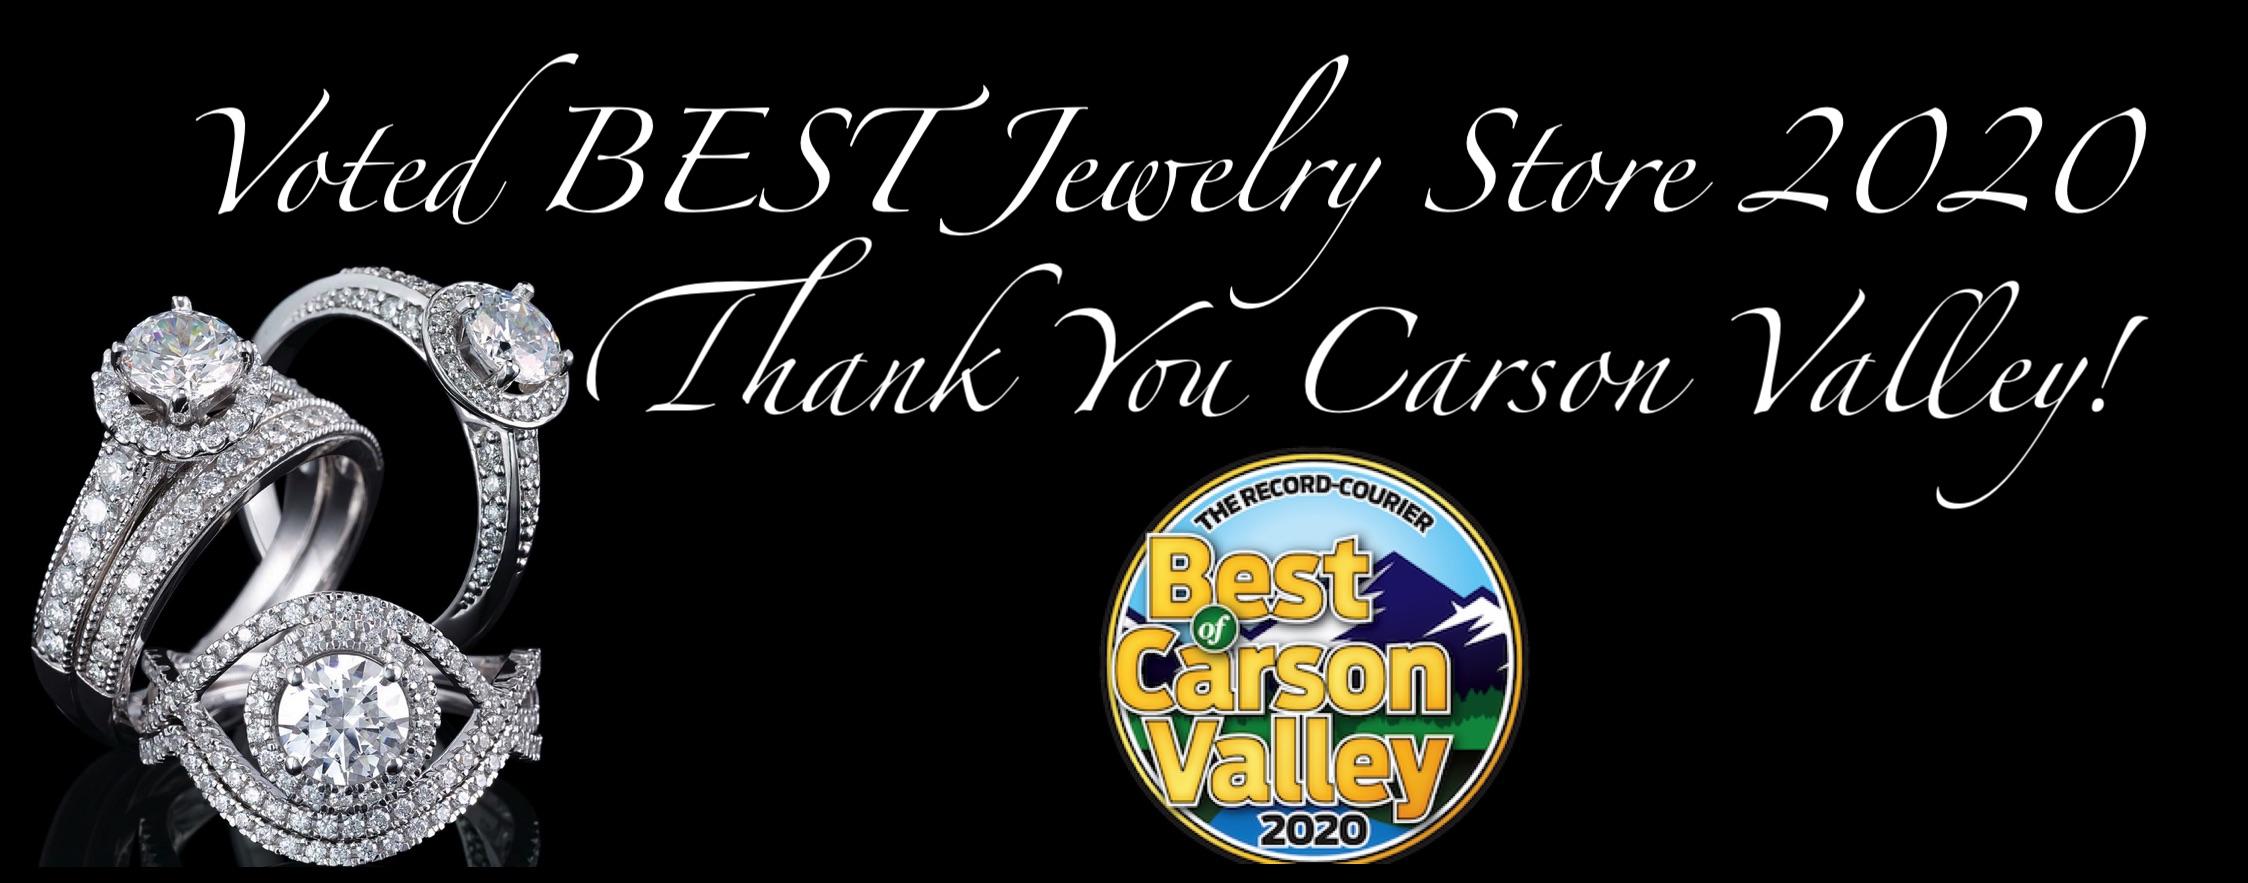 Thank you carson valley copy